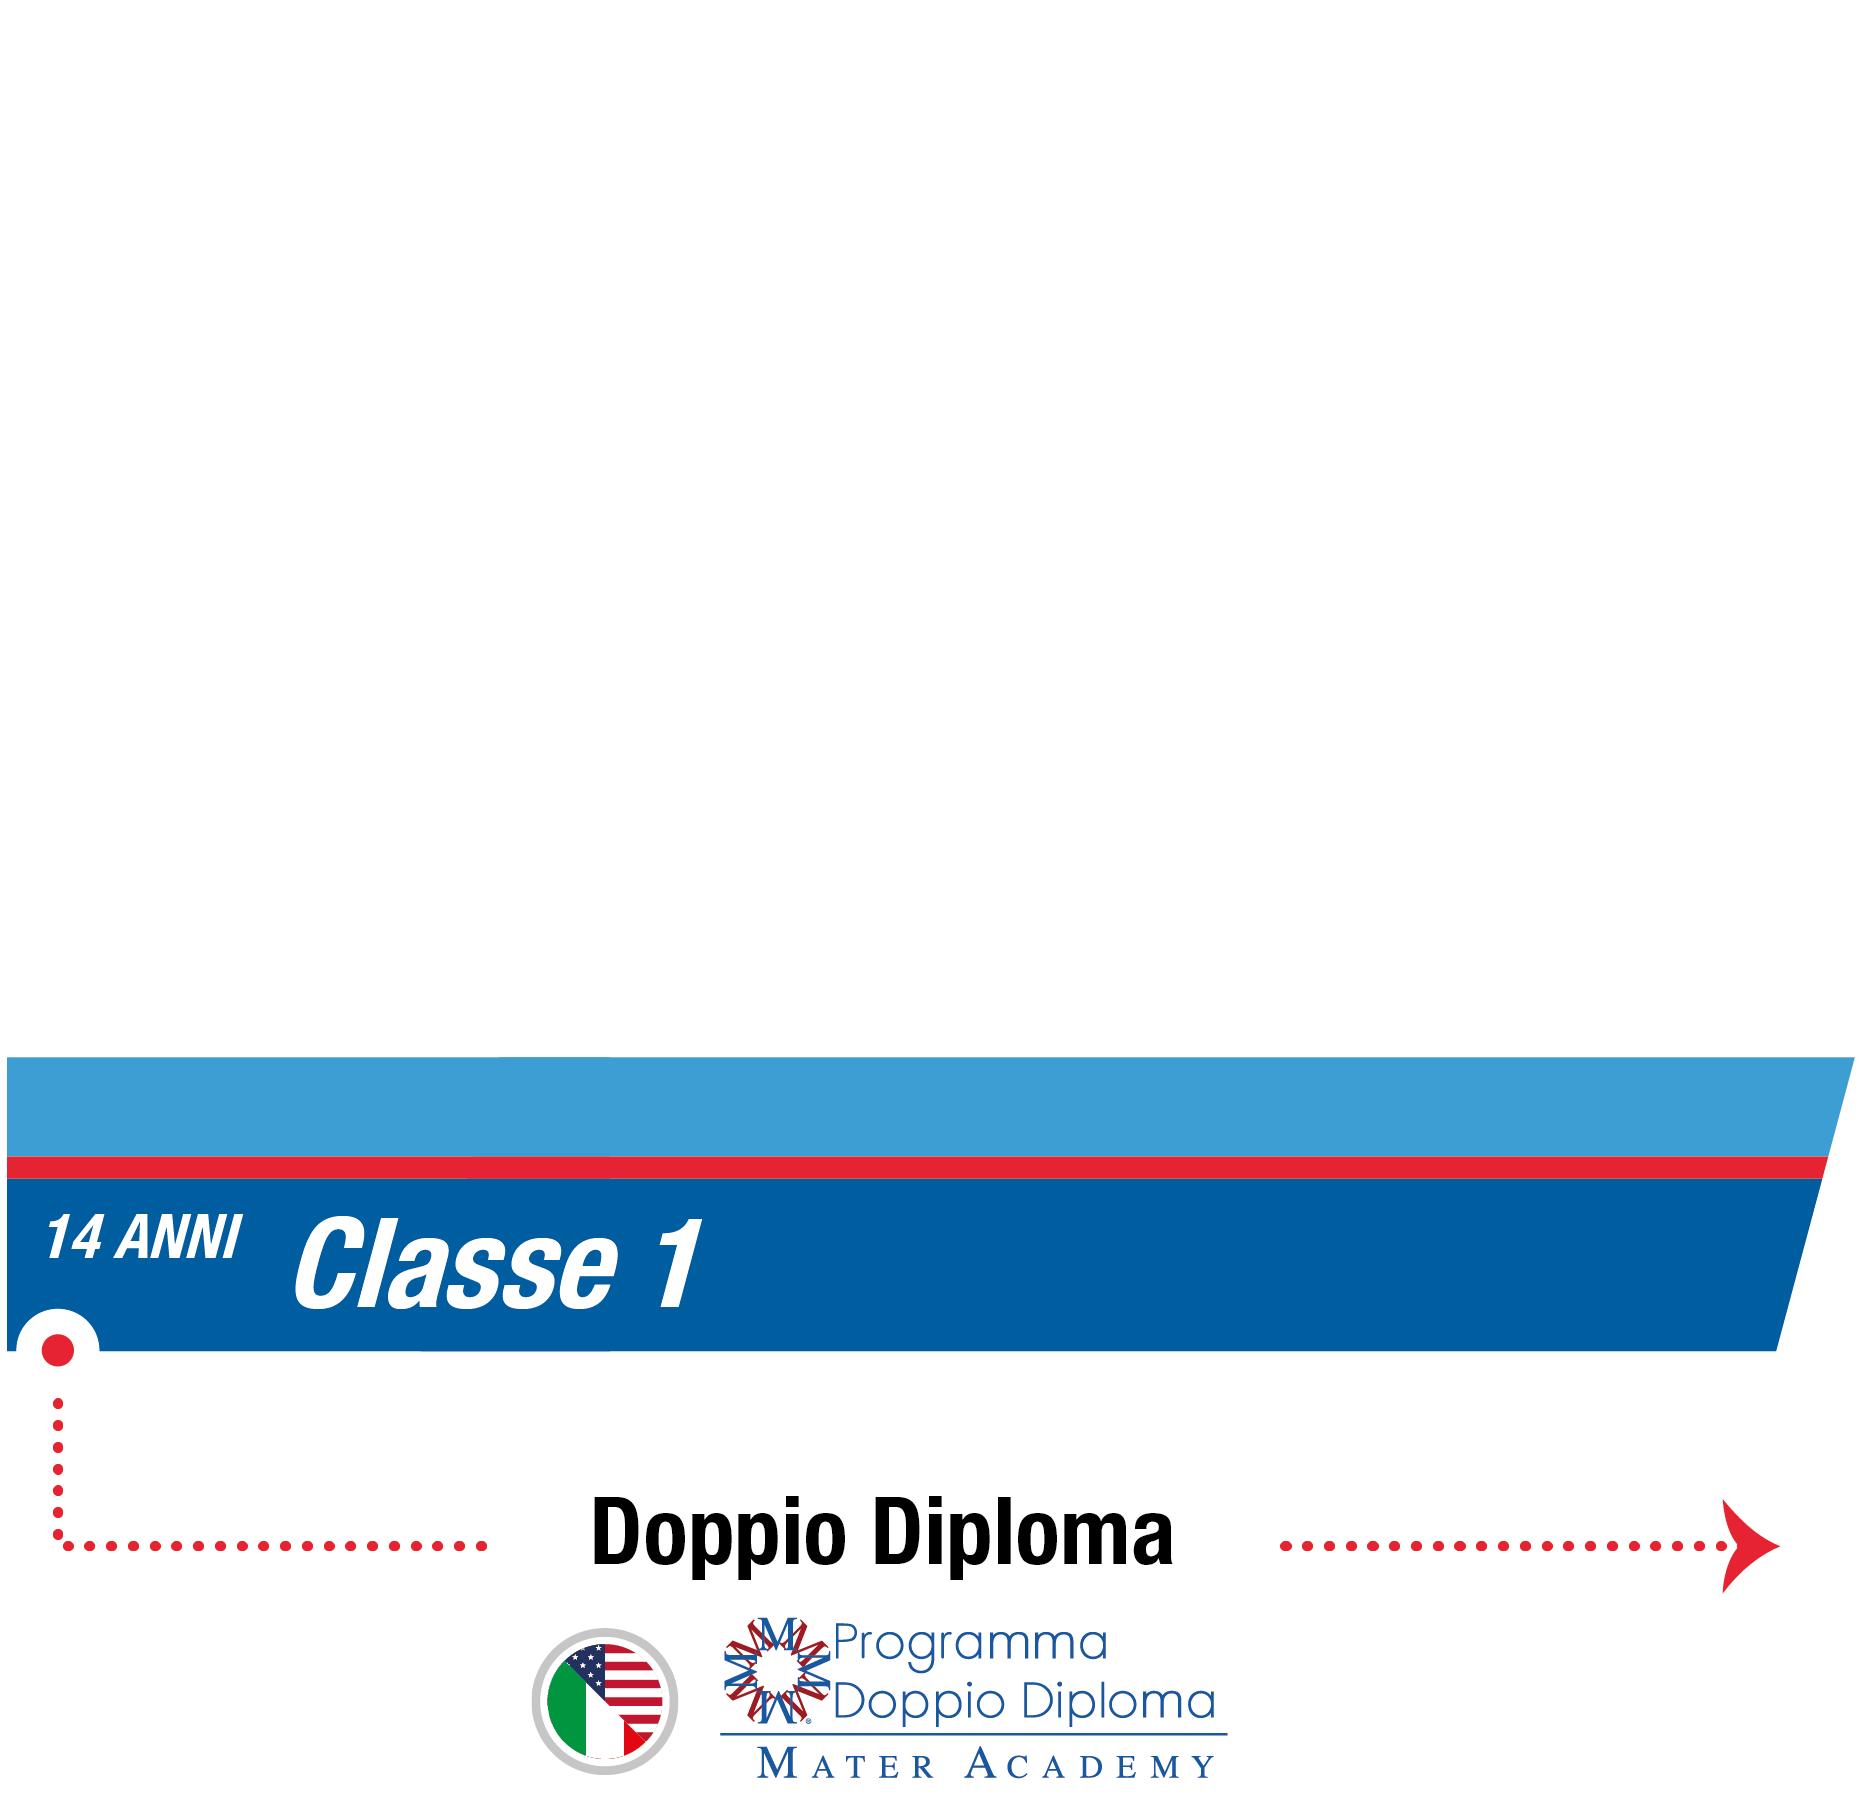 istituto-nobile-aviation-college-doppiodiploma-1anno